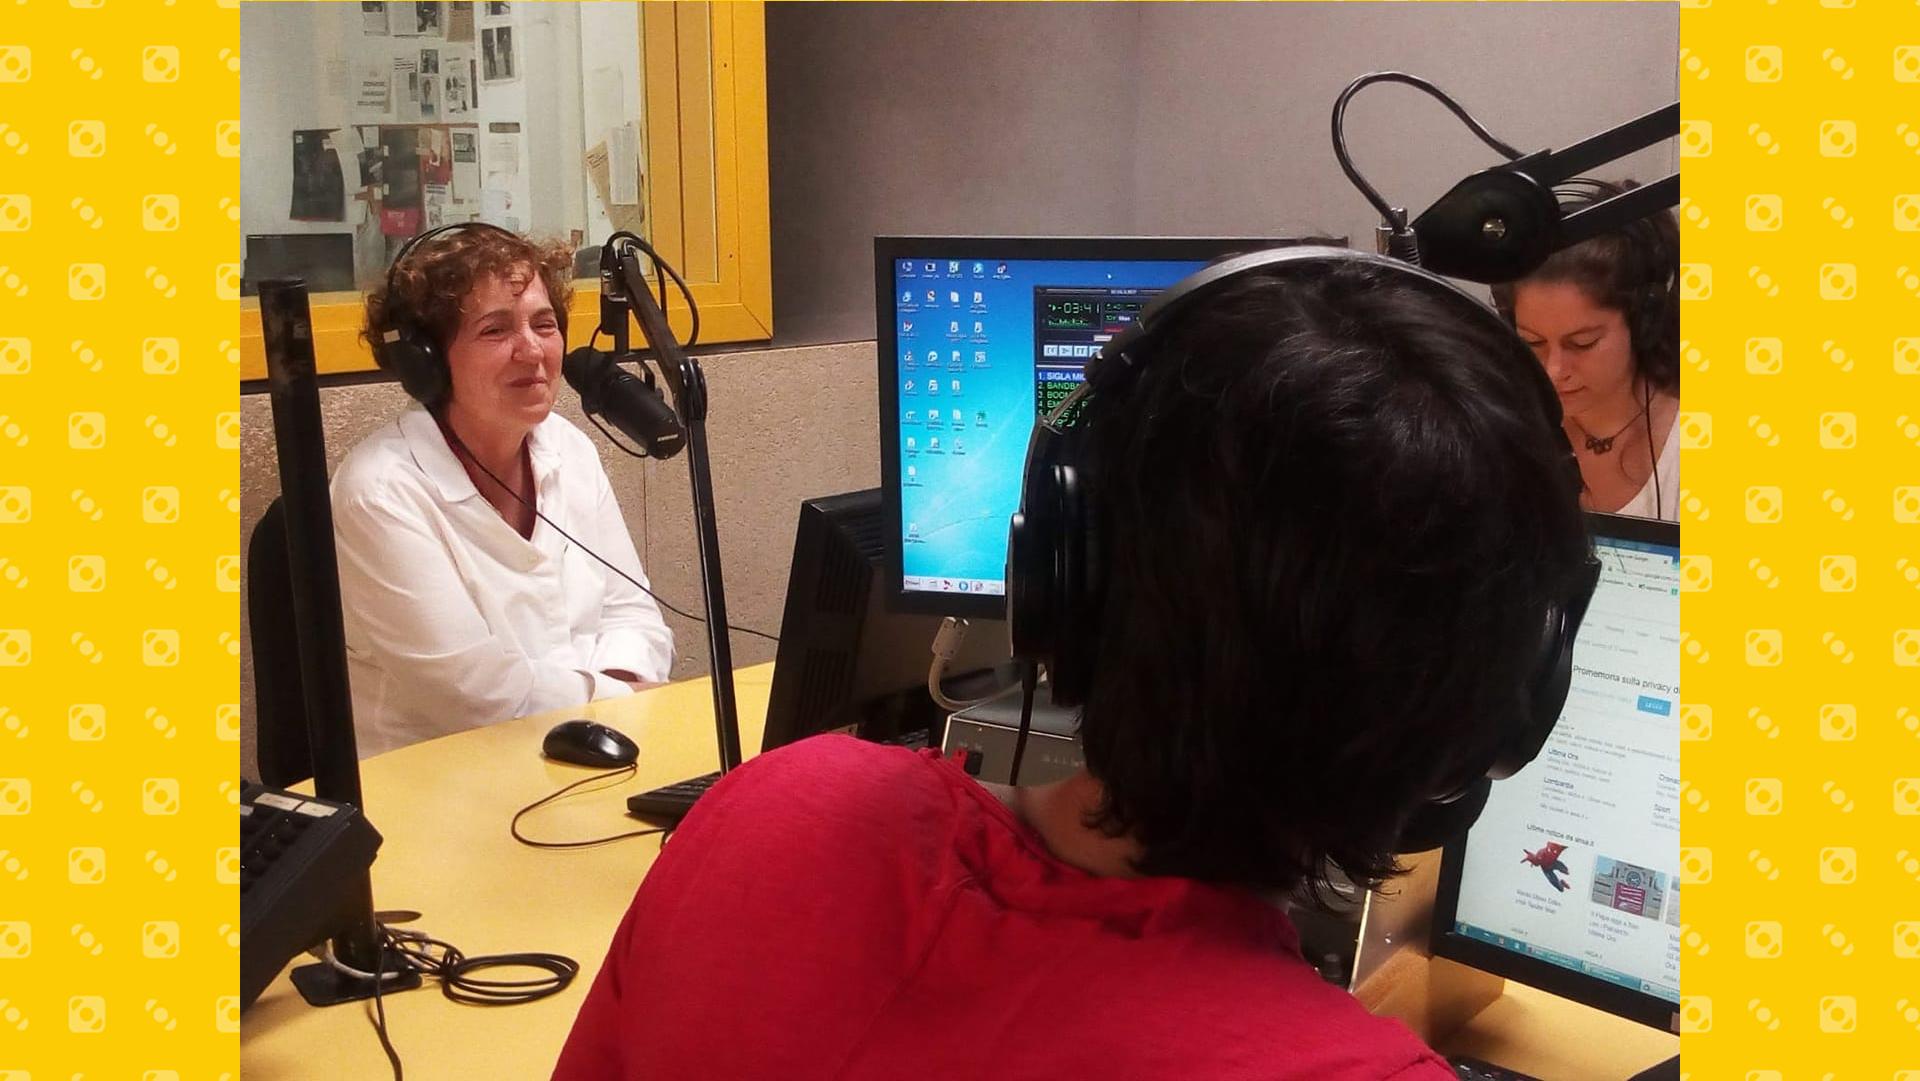 Addio a Cristina Cattafesta. Il ricordo di Radio Popolare